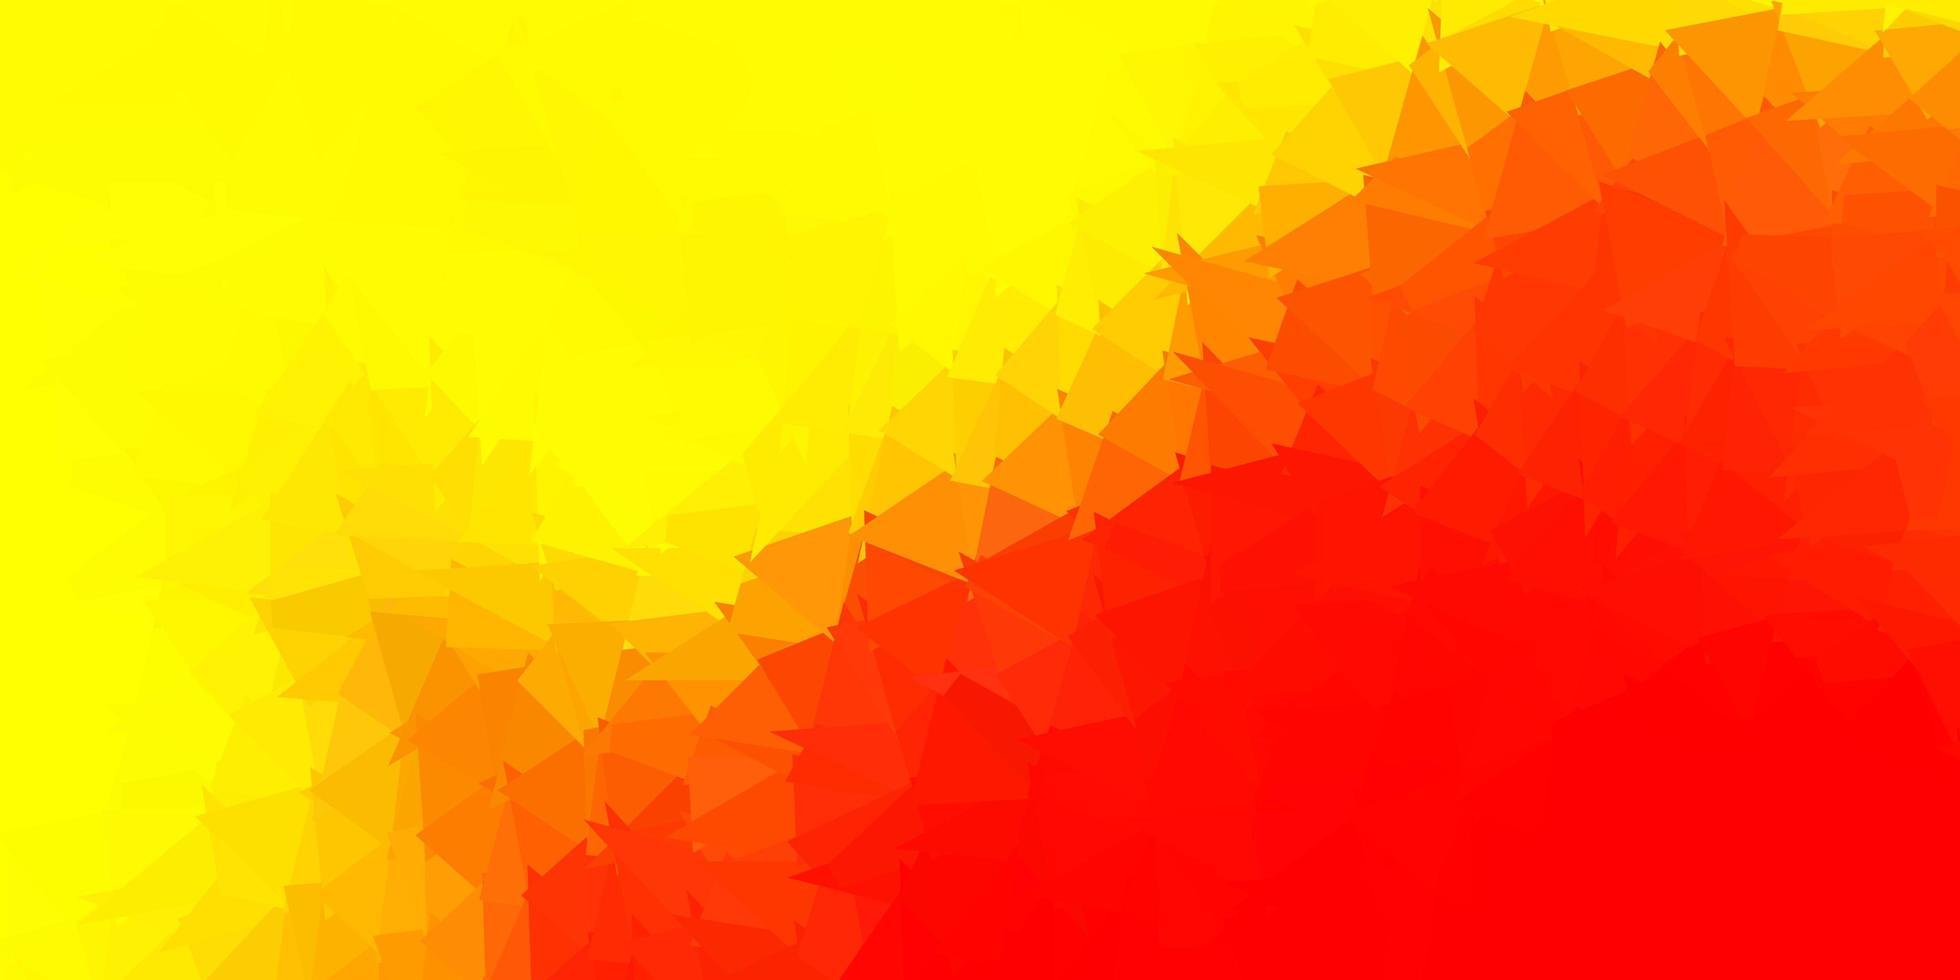 luz vermelha e amarela padrão de triângulo abstrato do vetor. vetor